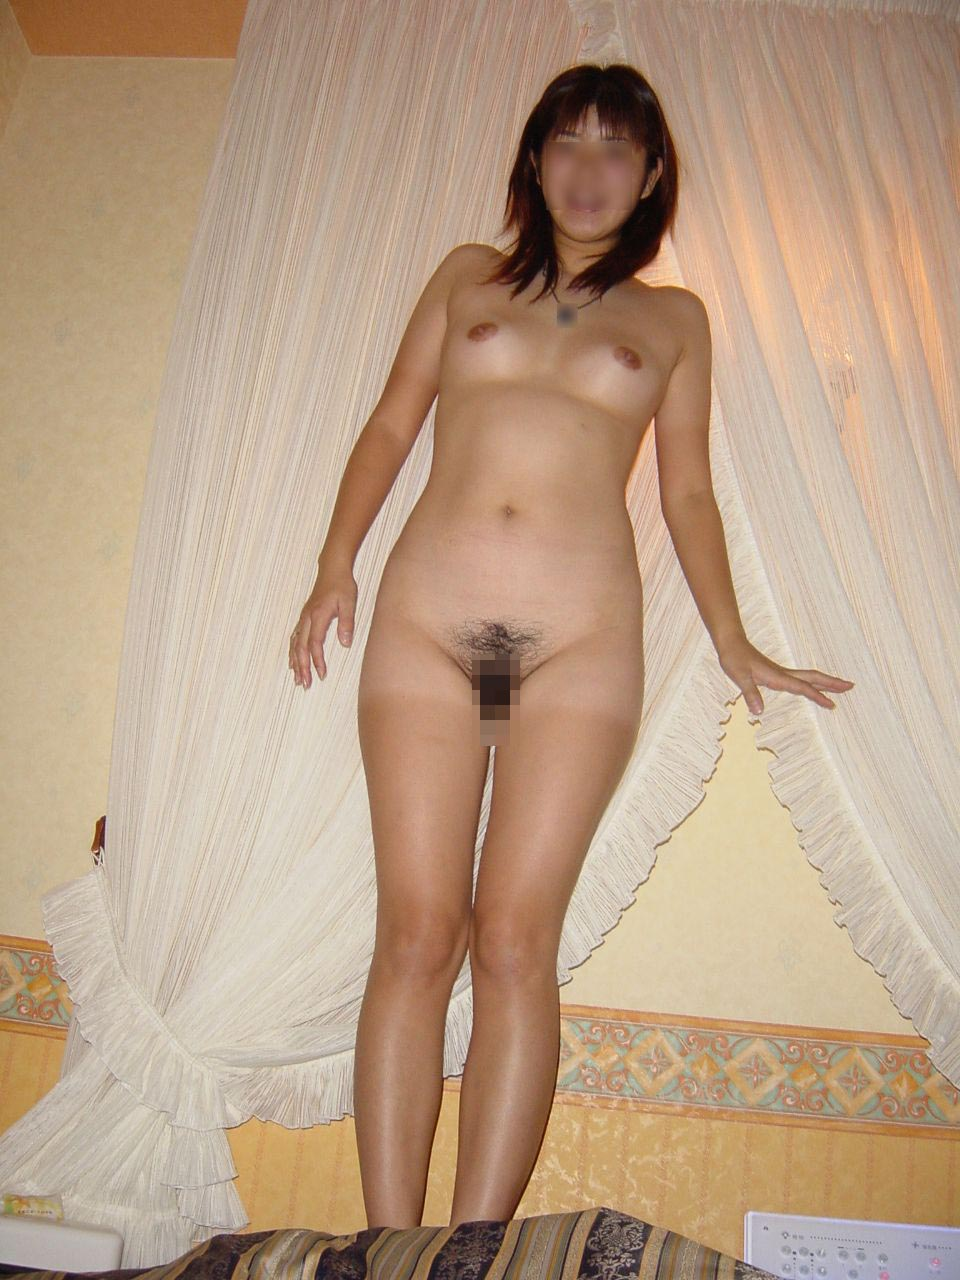 【素人エロ画像】フォルダの中にあったハメた相手の全裸写真を提供してもらったったwww 17